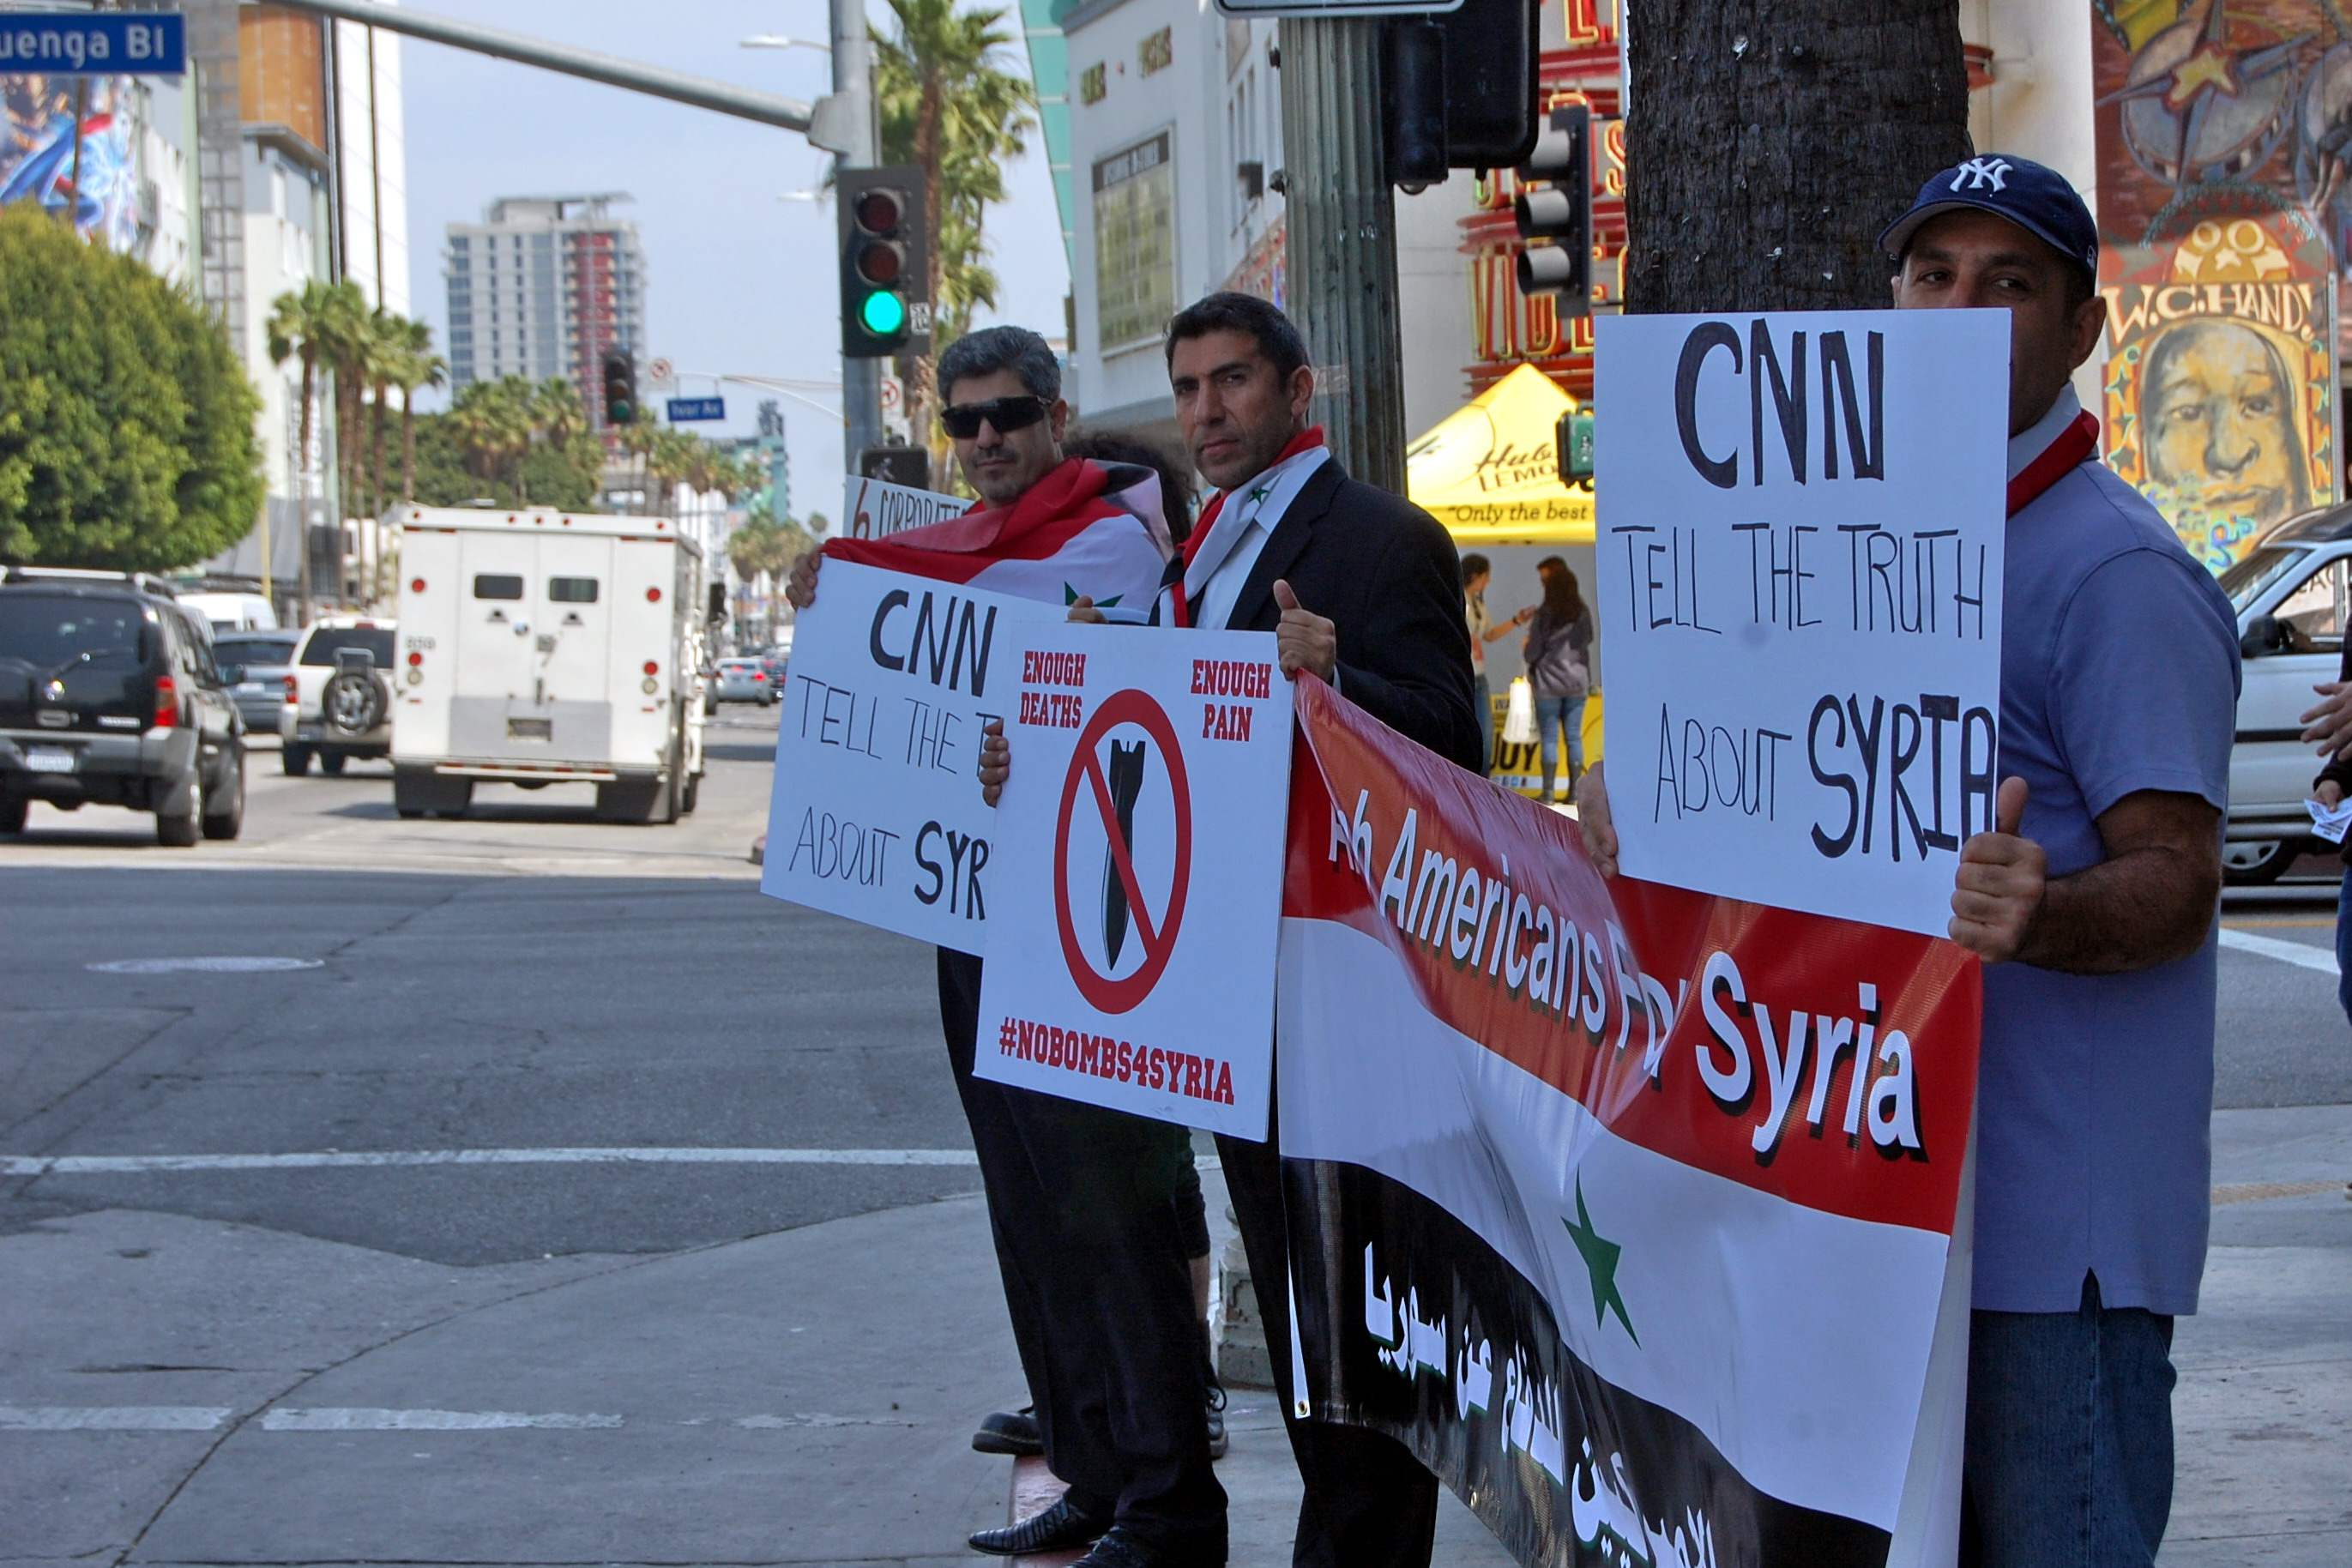 #NoBombs4Syria revea...